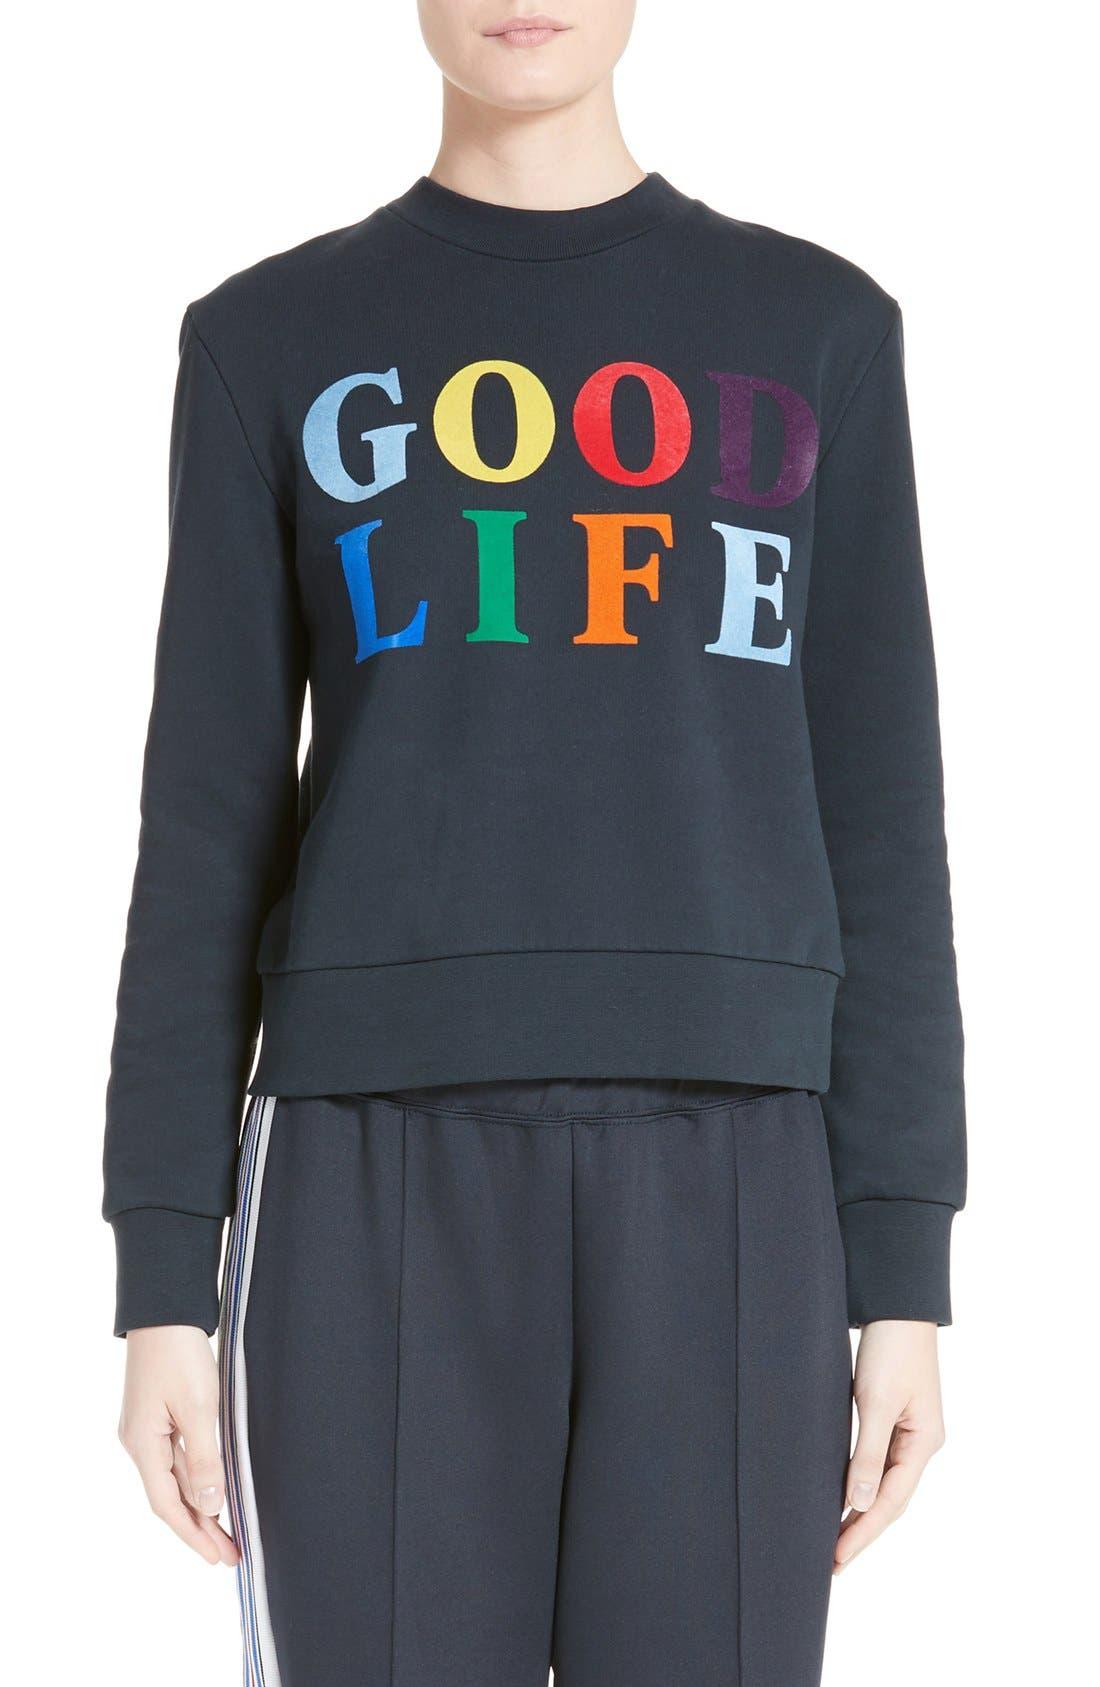 ETRE CECILE être cécile Good Life Graphic Sweatshirt